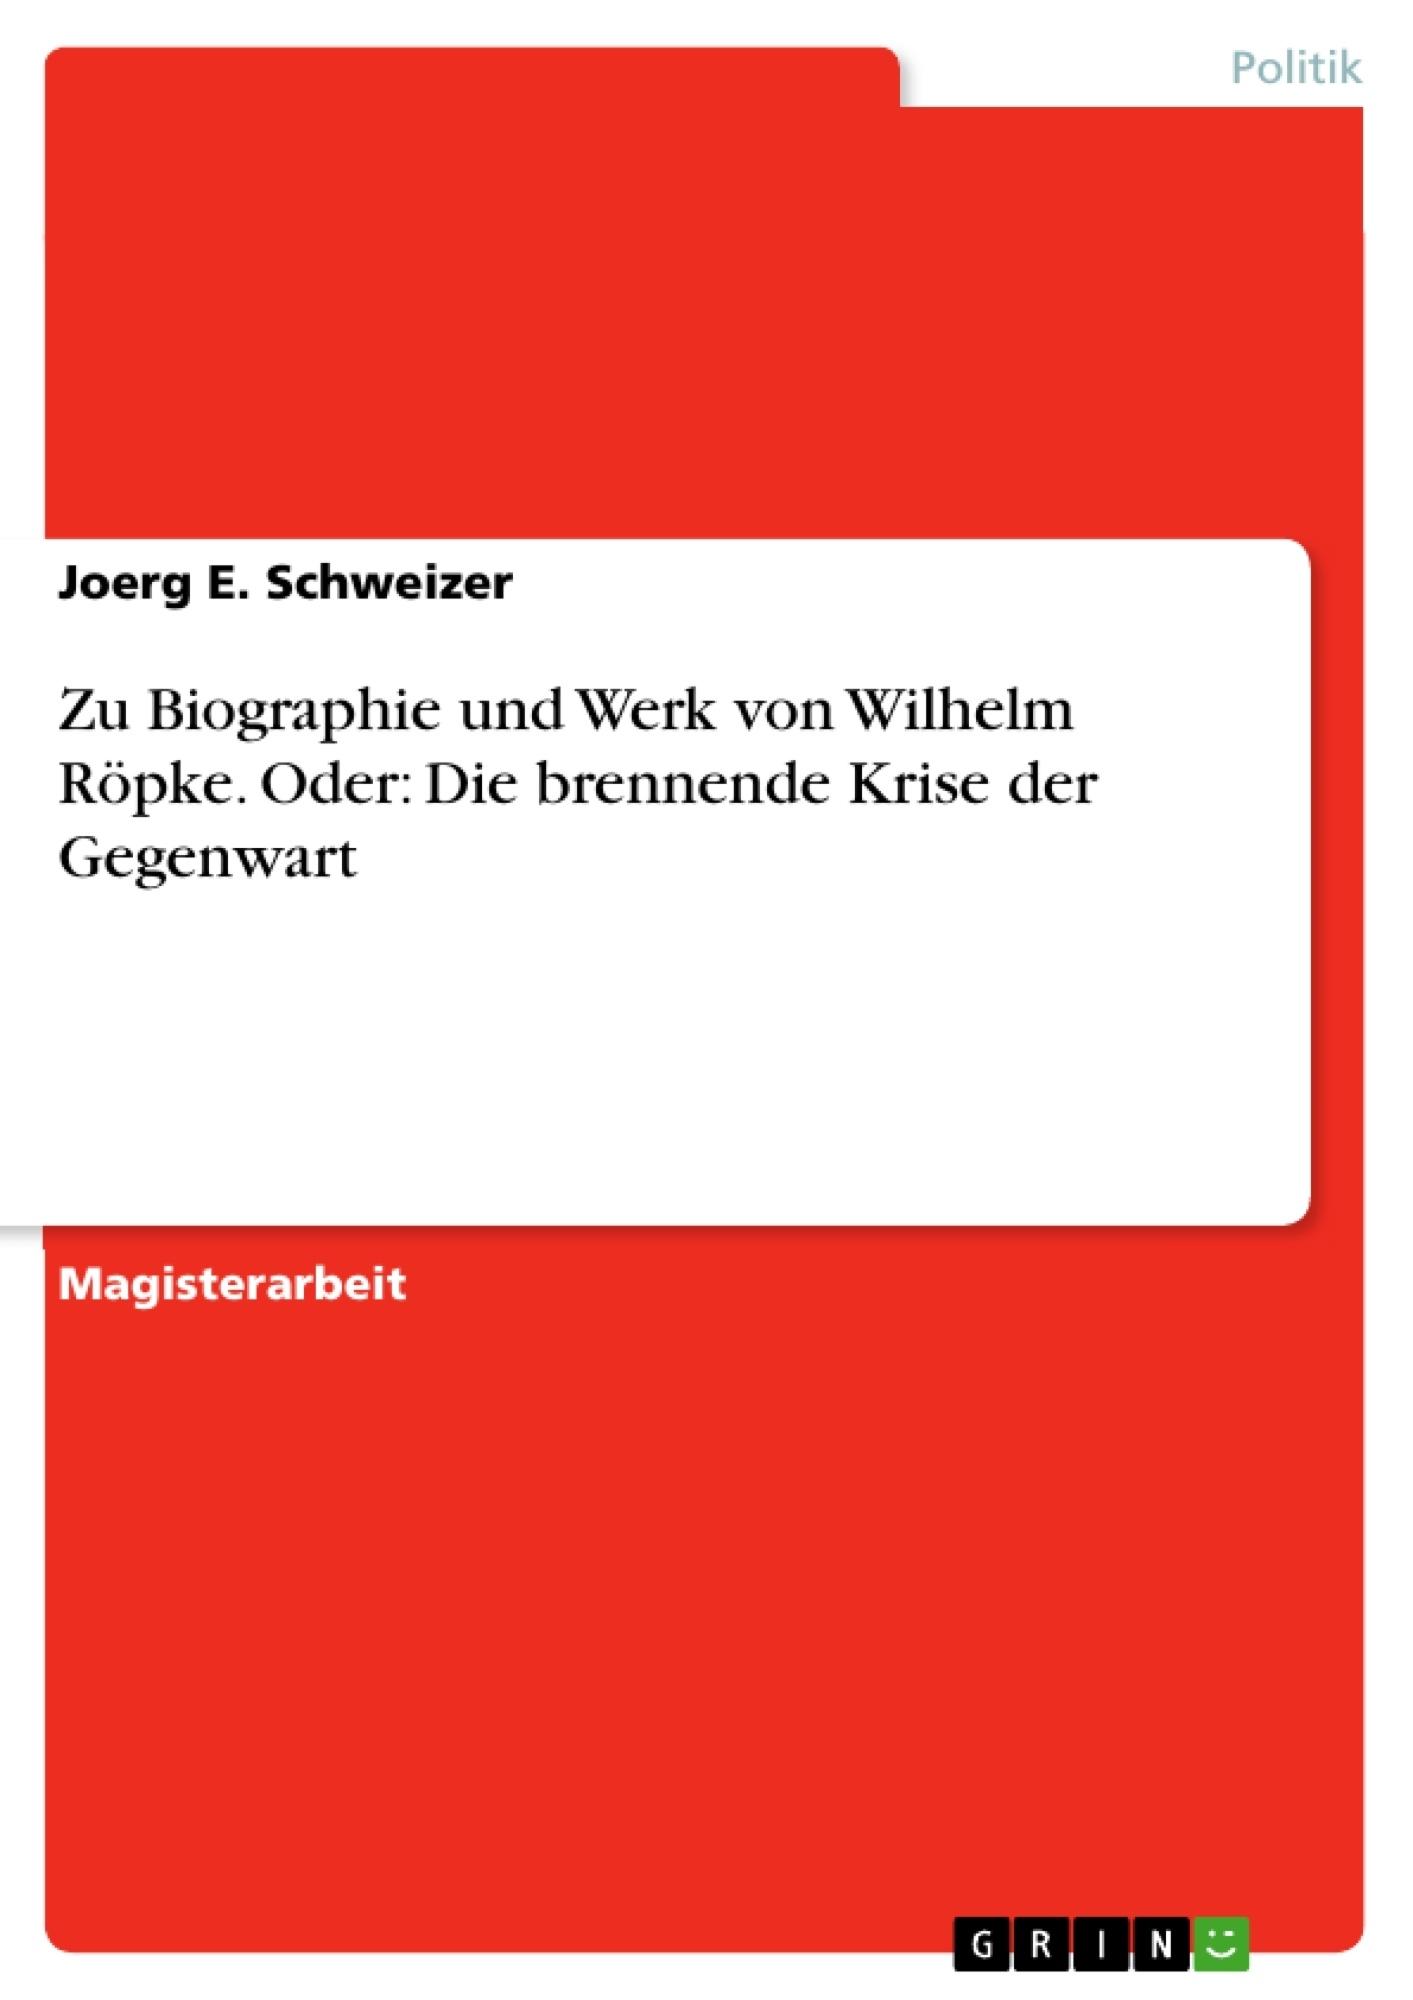 Titel: Zu Biographie und Werk von Wilhelm Röpke. Oder: Die brennende Krise der Gegenwart